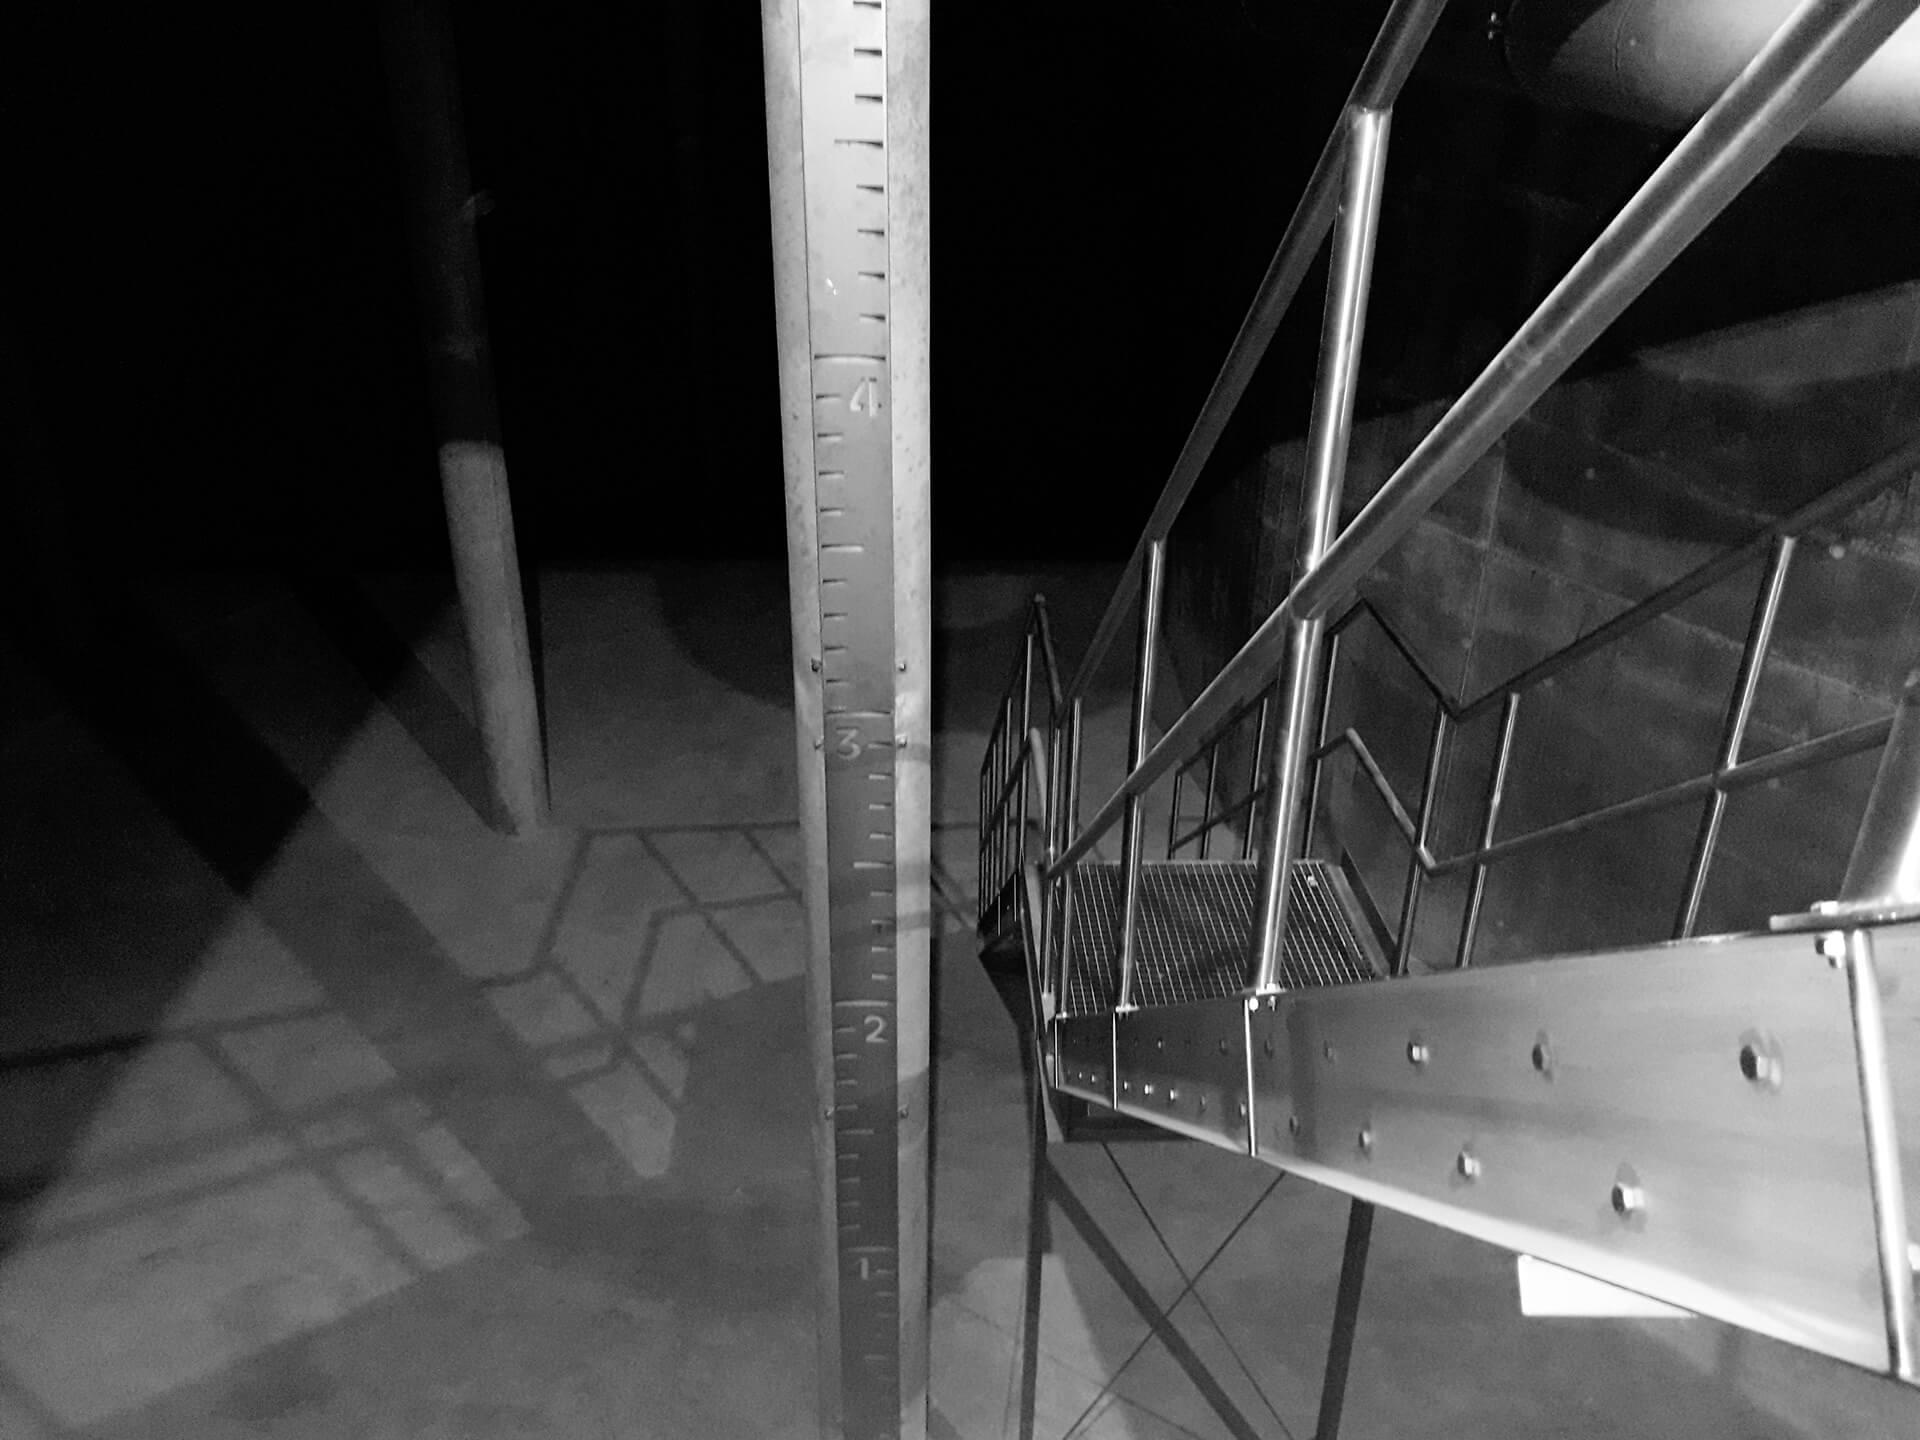 Teilgefüllte Wasserkammer 1 vor der abschließenden Prüfung, vorn im Bild die Zugangstreppe und die Messlatte für die Beobachtung vor Ort